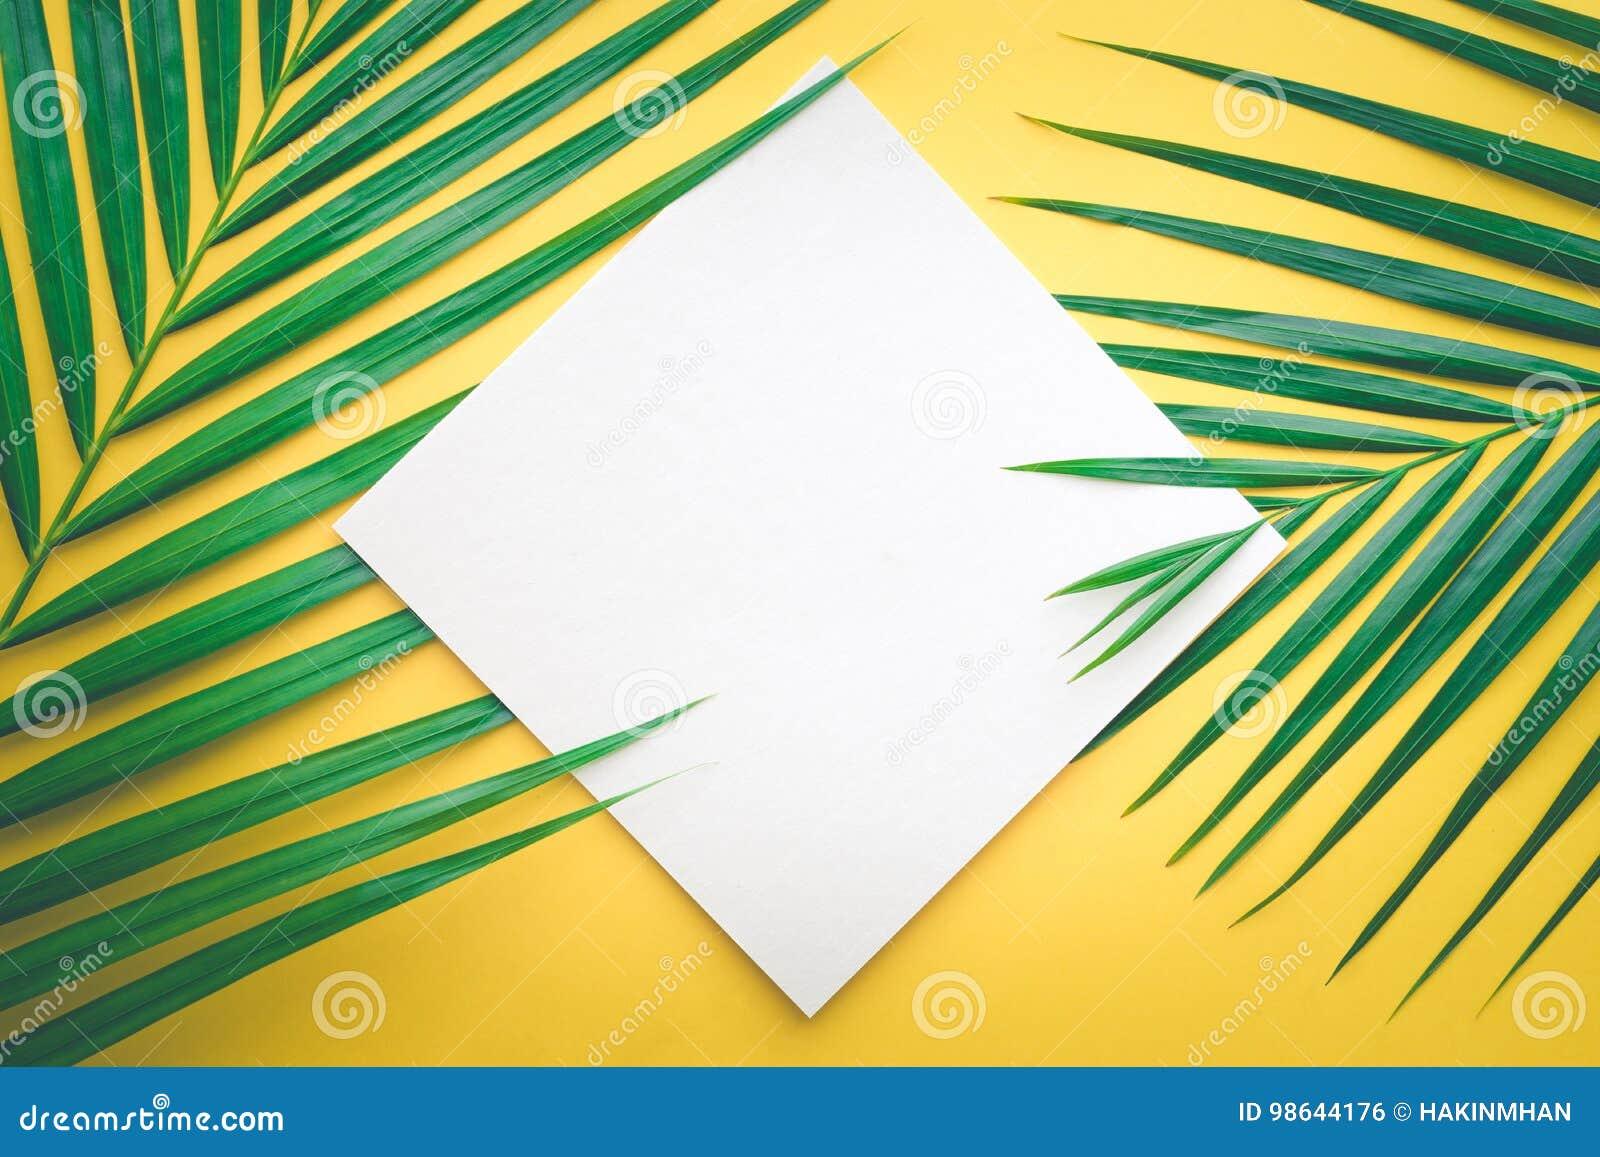 与白皮书插件边框的热带棕榈叶在柔和的淡色彩